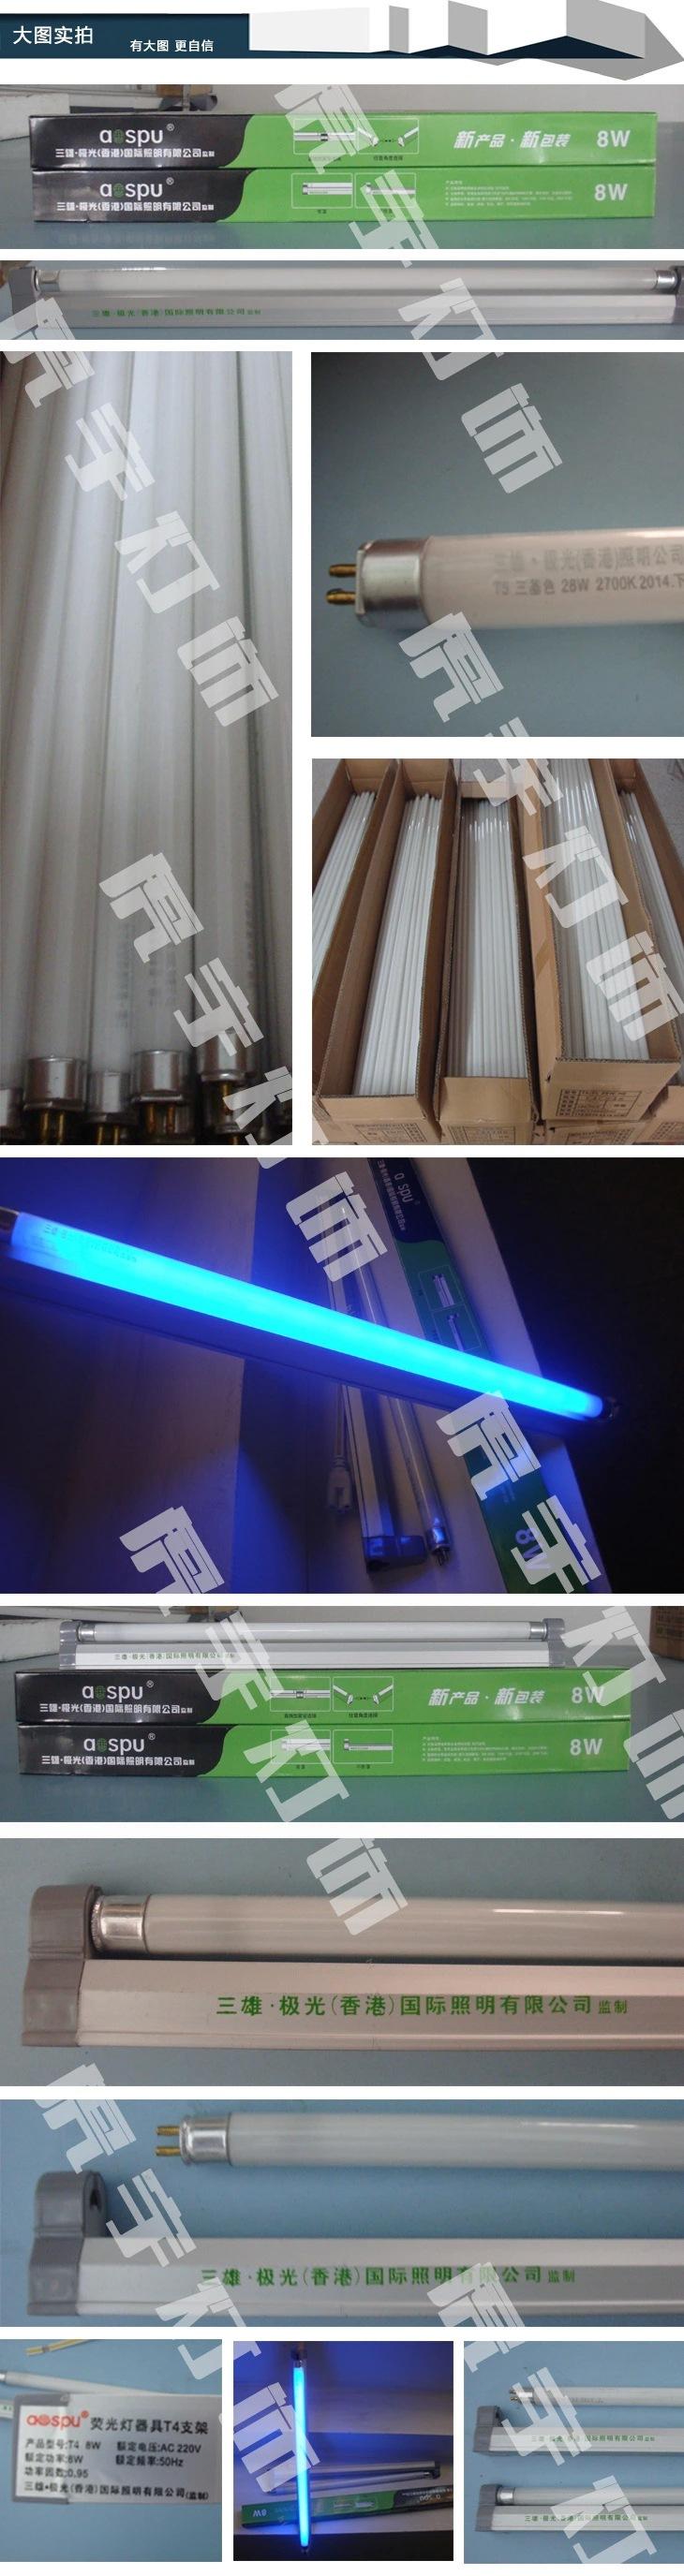 【厂家批发】led支架 t4三基色支架灯20W 灯管支架led灯架 t4